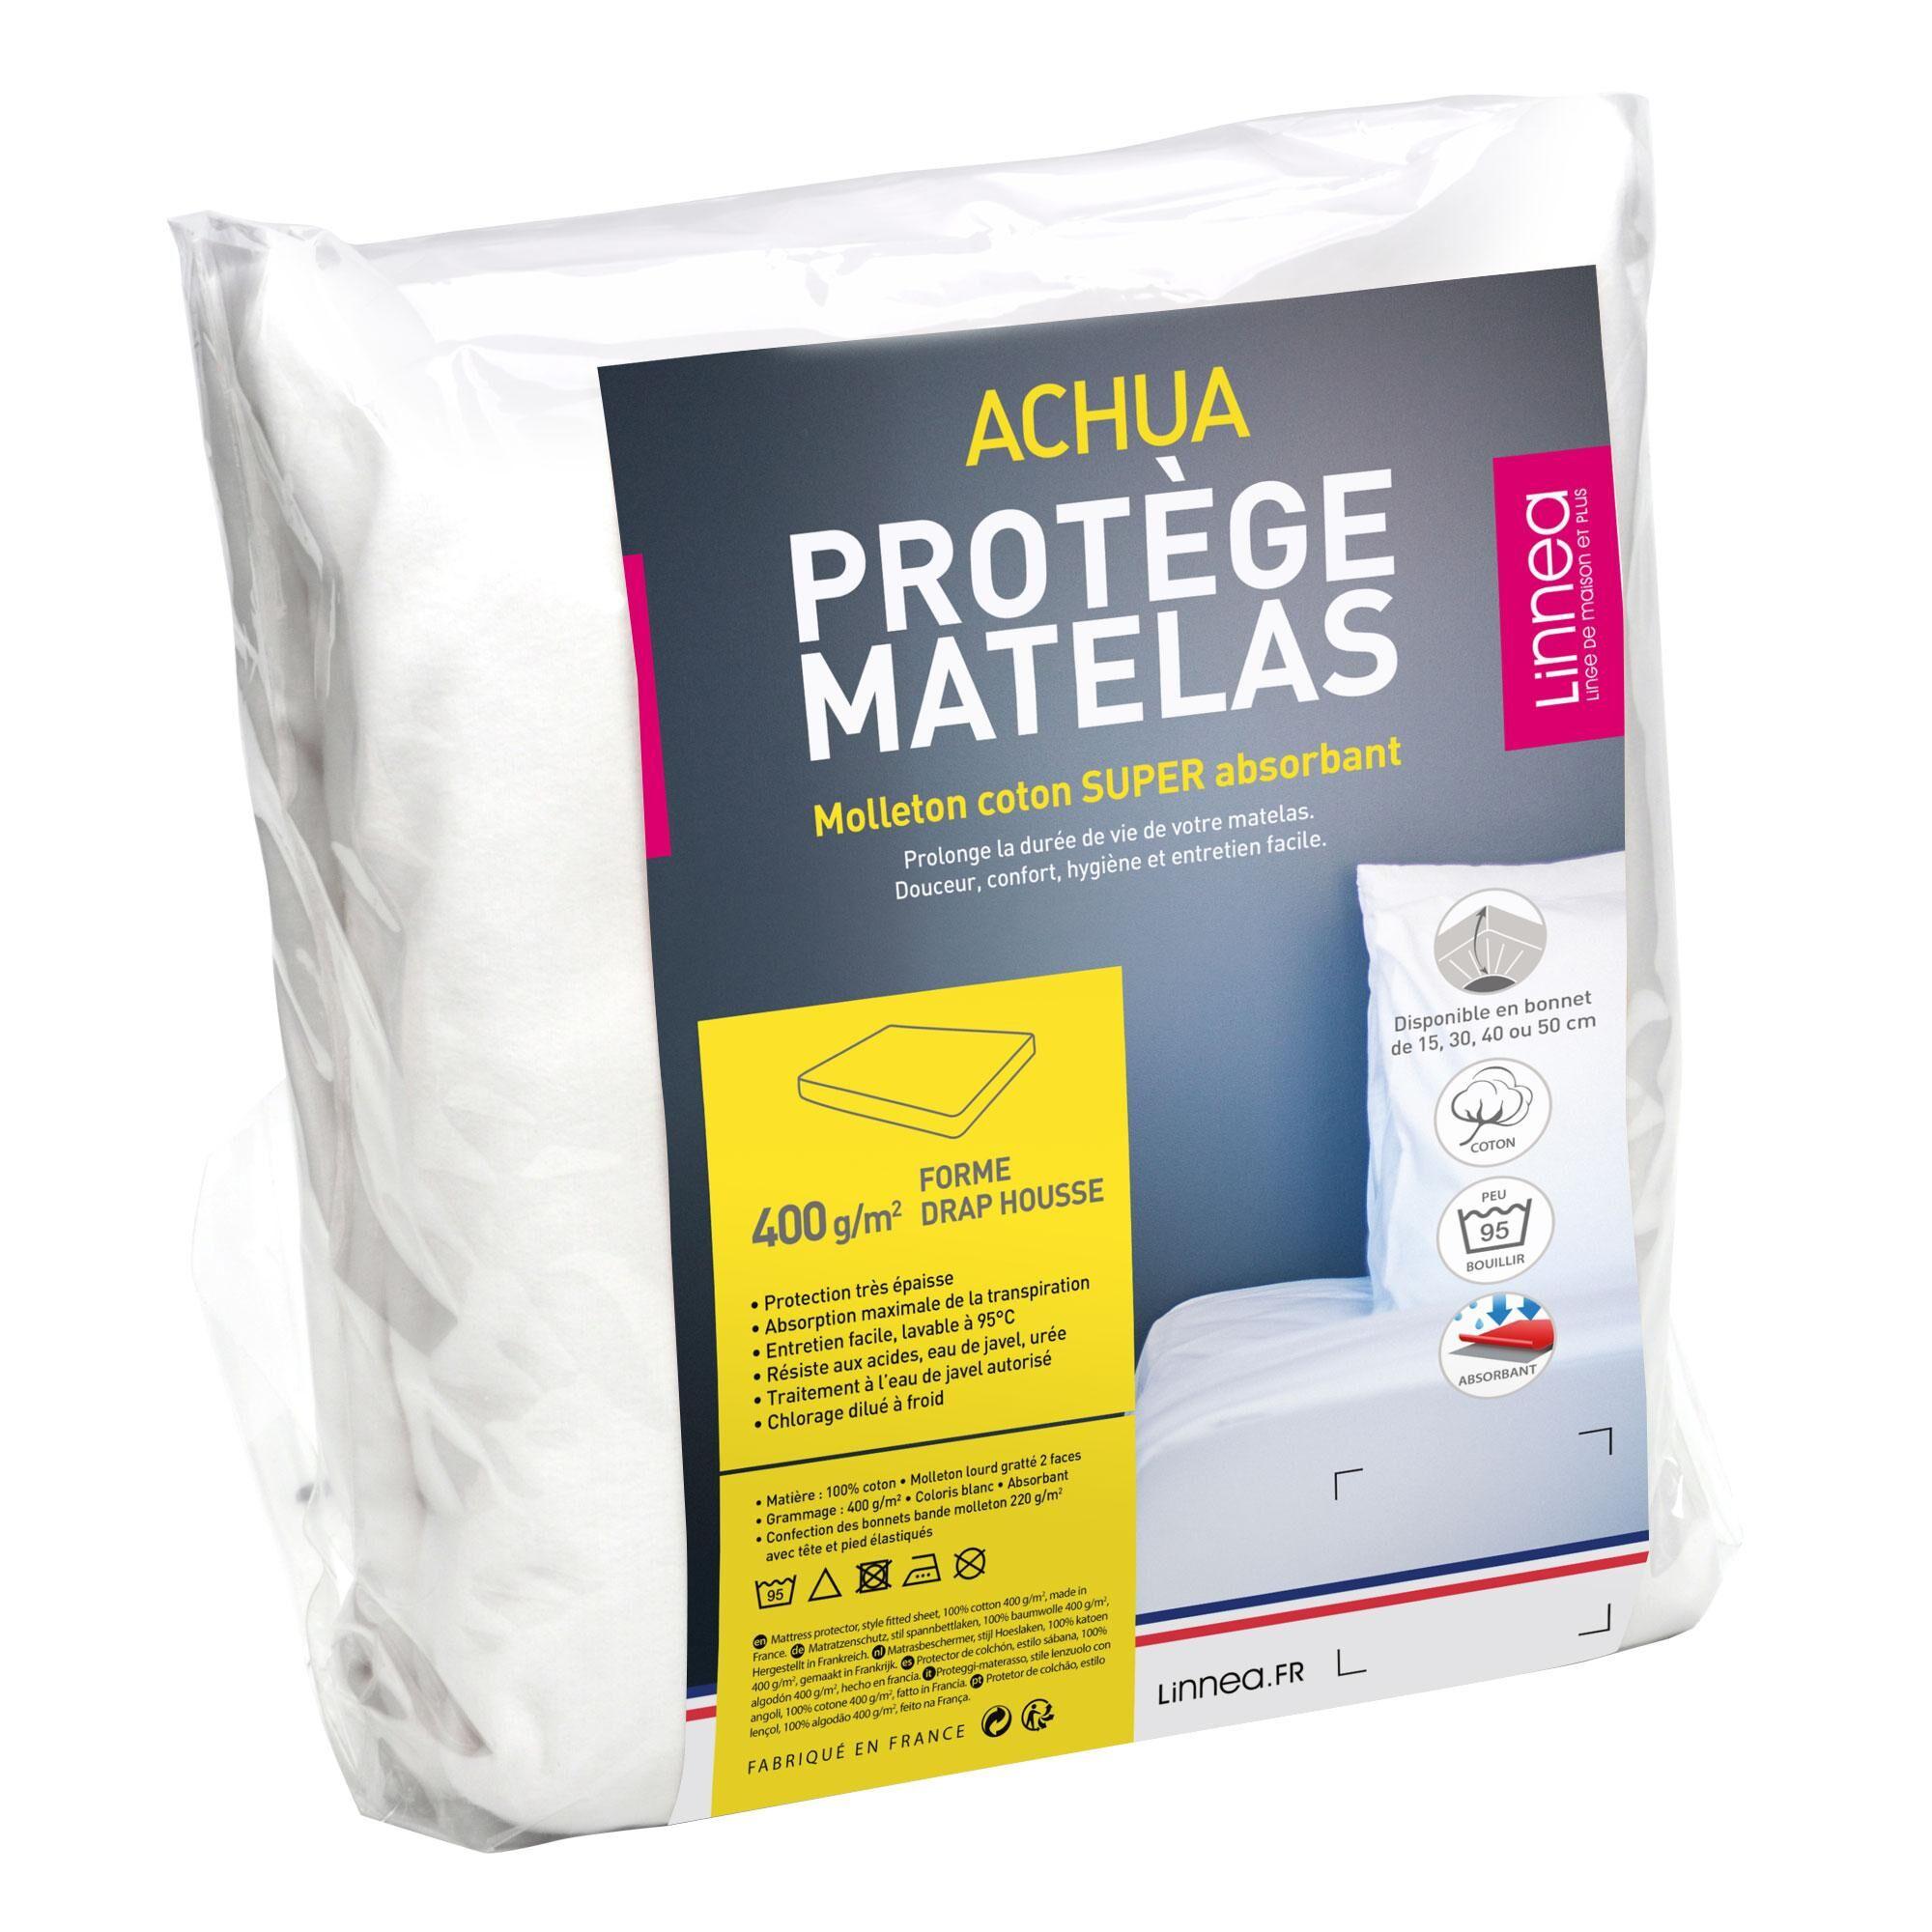 Linnea Protège matelas 80x190 cm ACHUA Molleton 100% coton 400 g/m2 bonnet 50cm